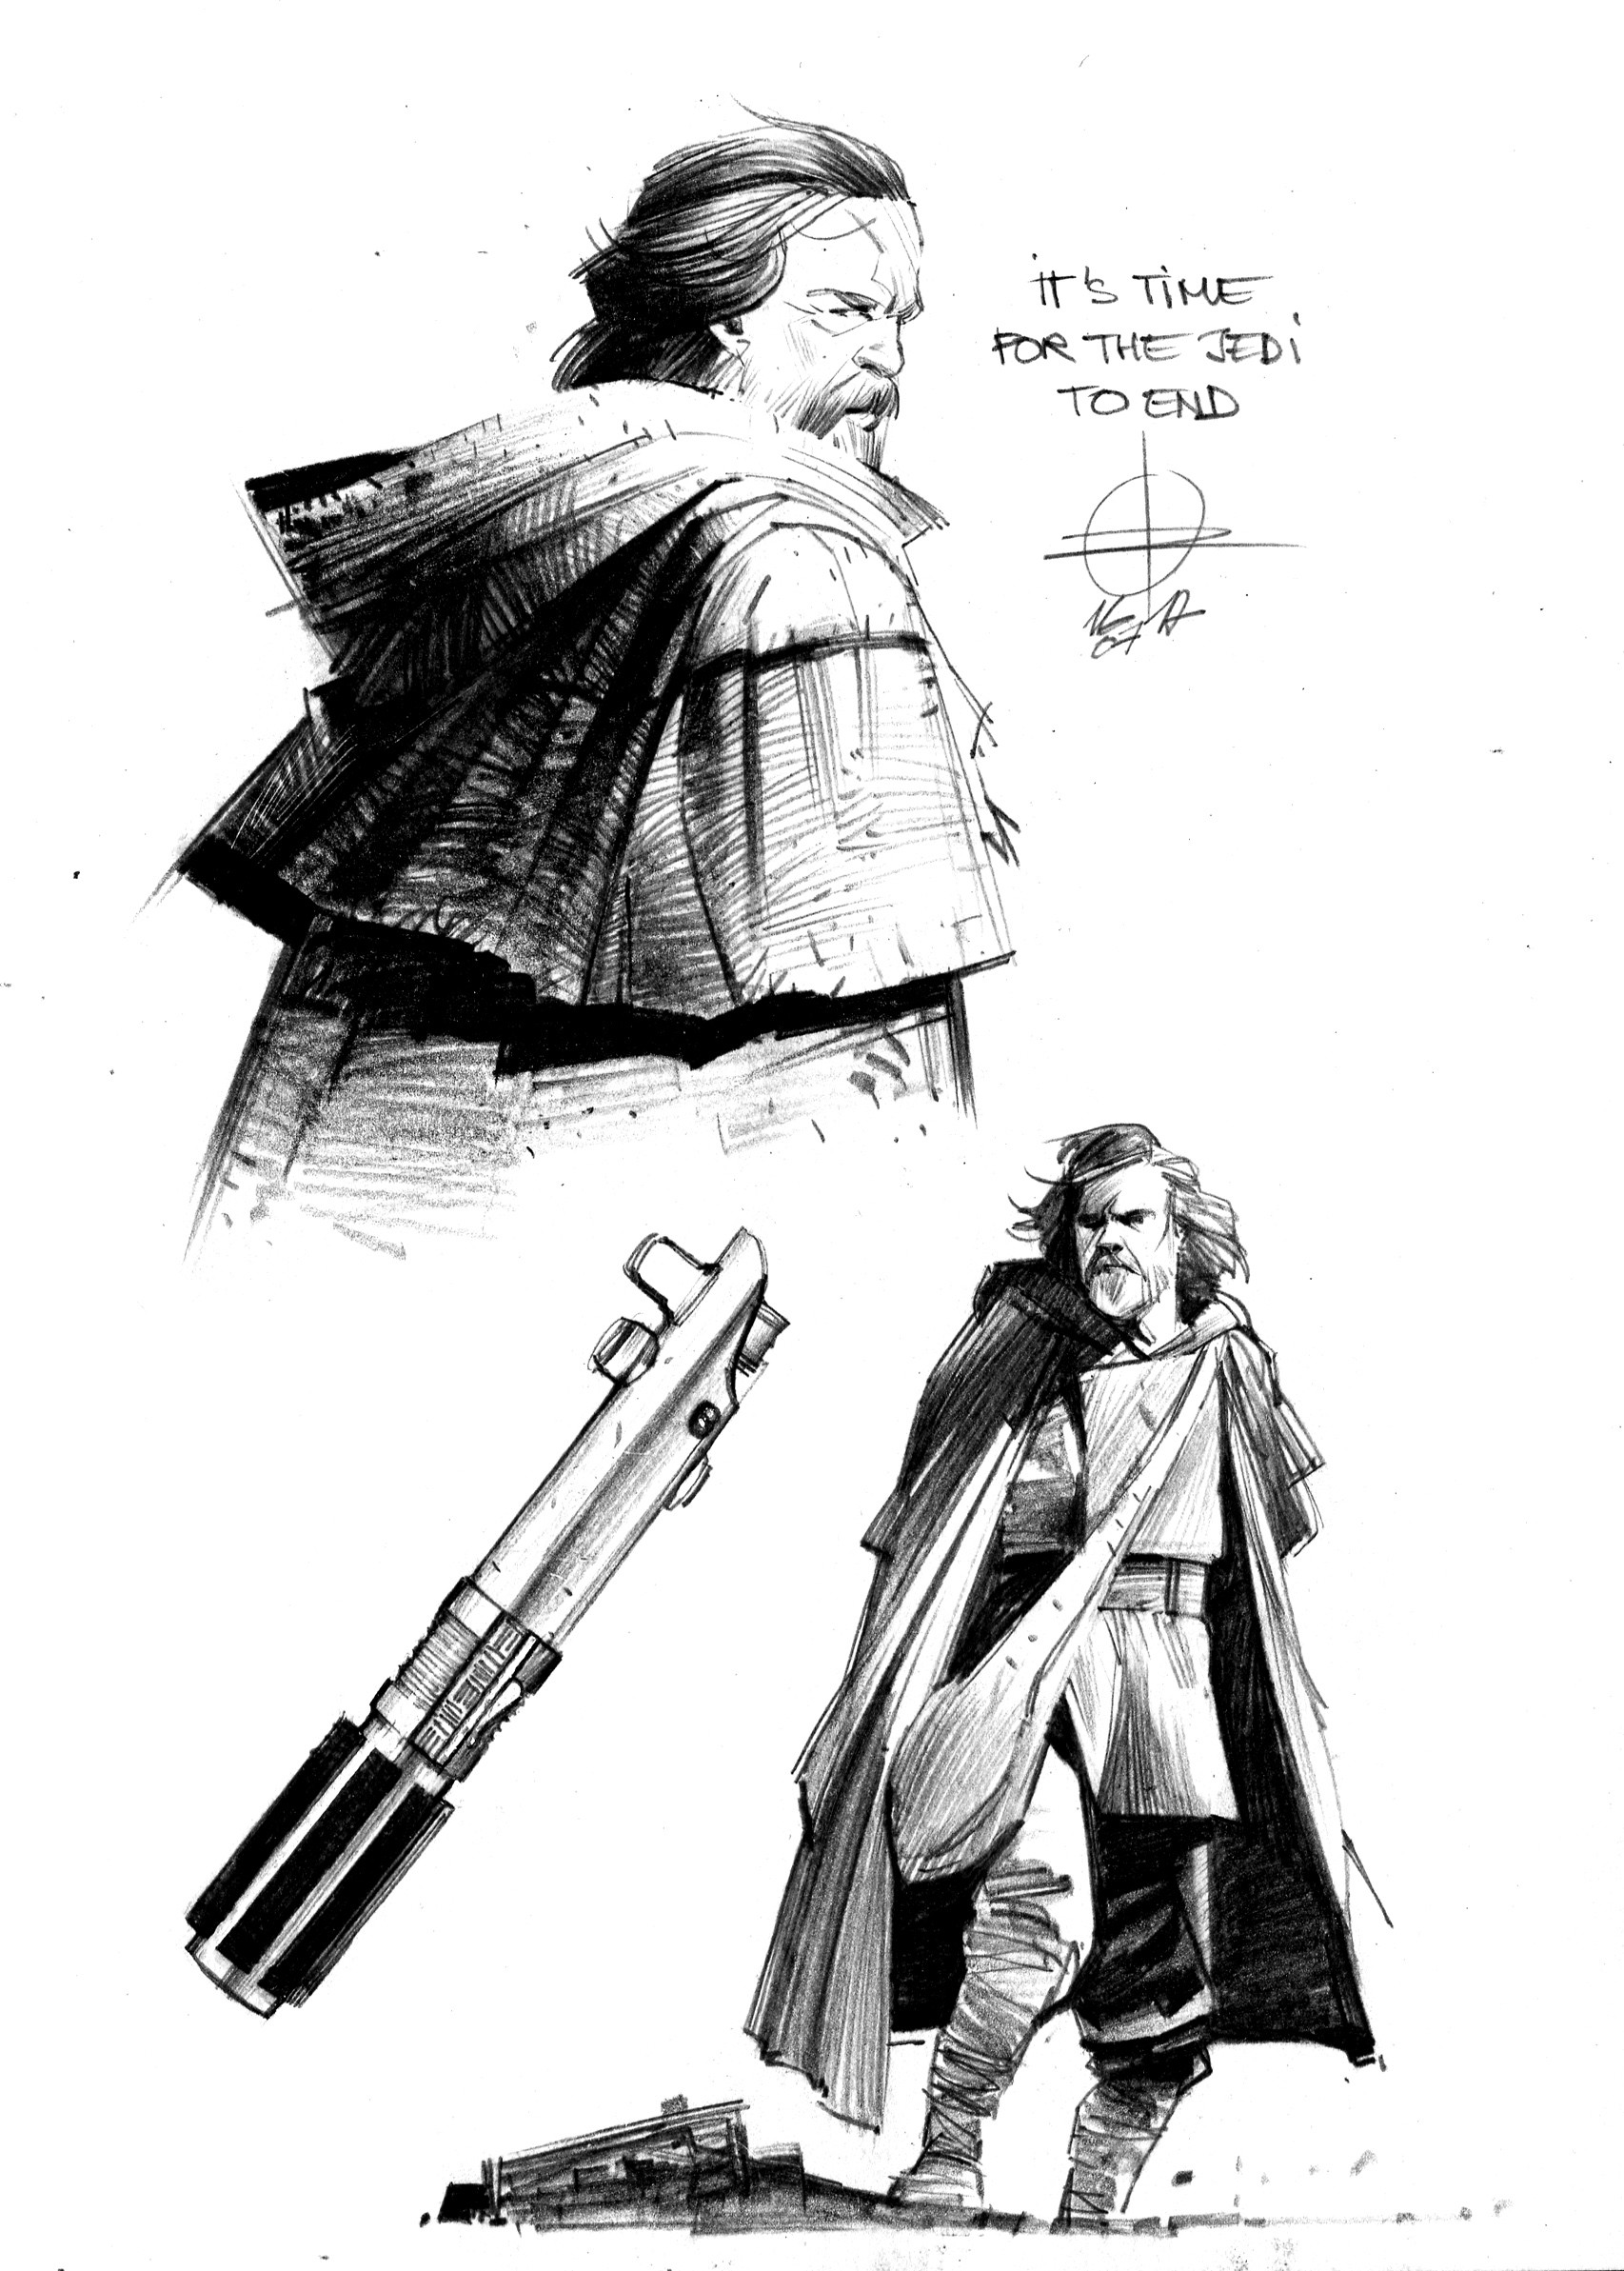 Renaud roche sketchbook01